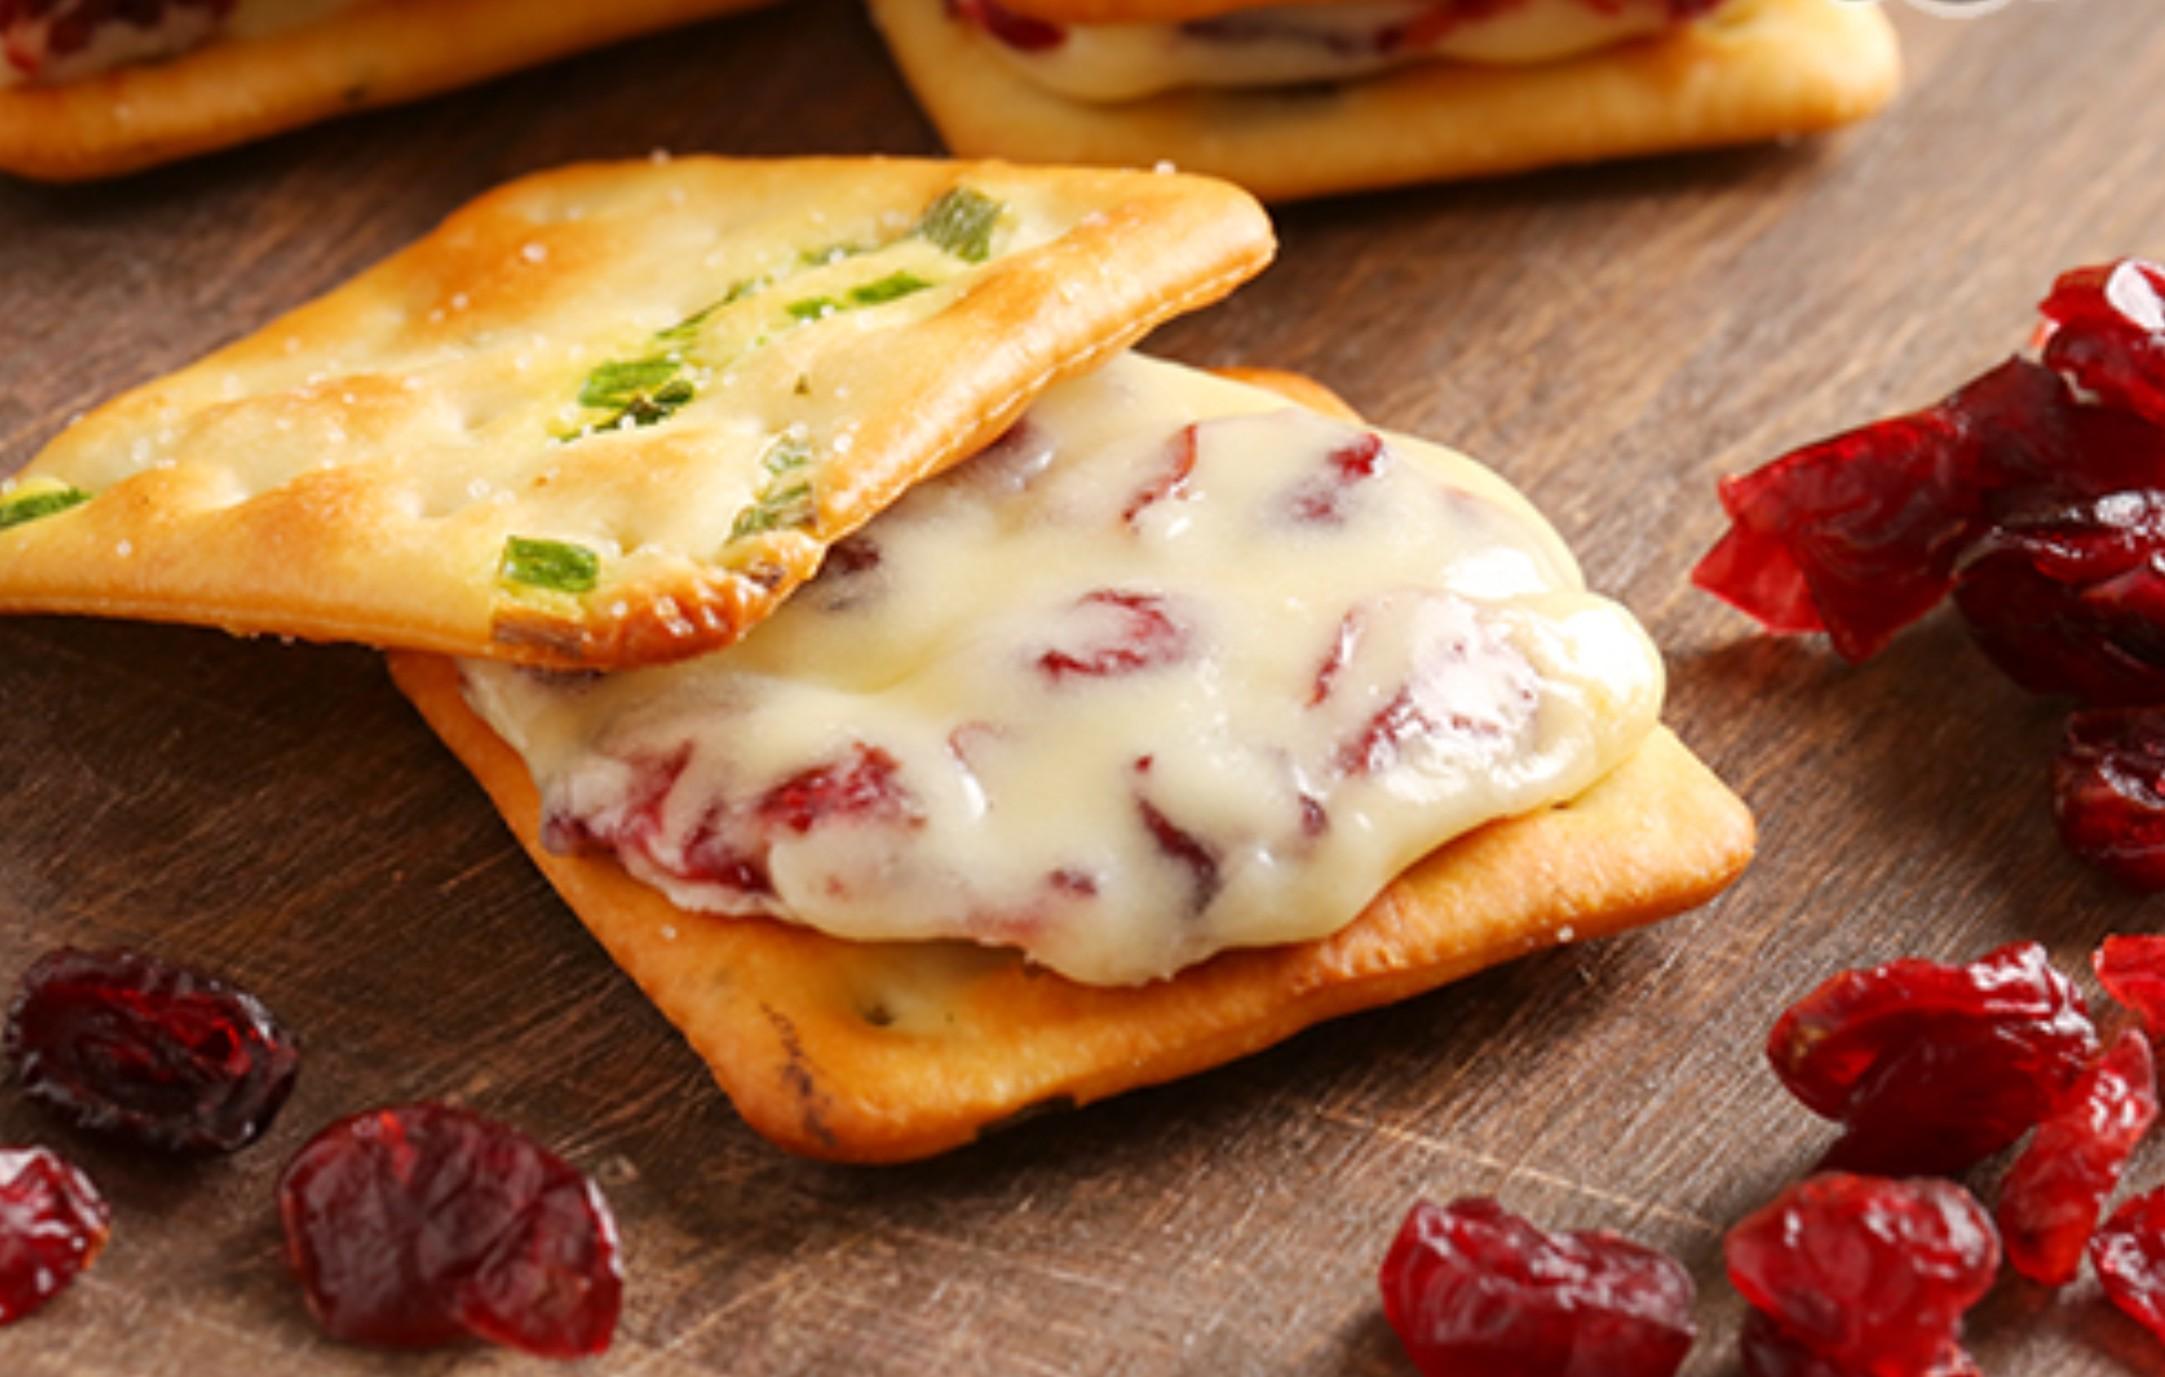 【蘿蒂烘焙坊】爆漿香酥厚實牛軋糖蔓越莓夾心餅(低糖/低熱量)/免運費 8~11包賣場(一包平均109)(可備註加購手提紙袋2元)